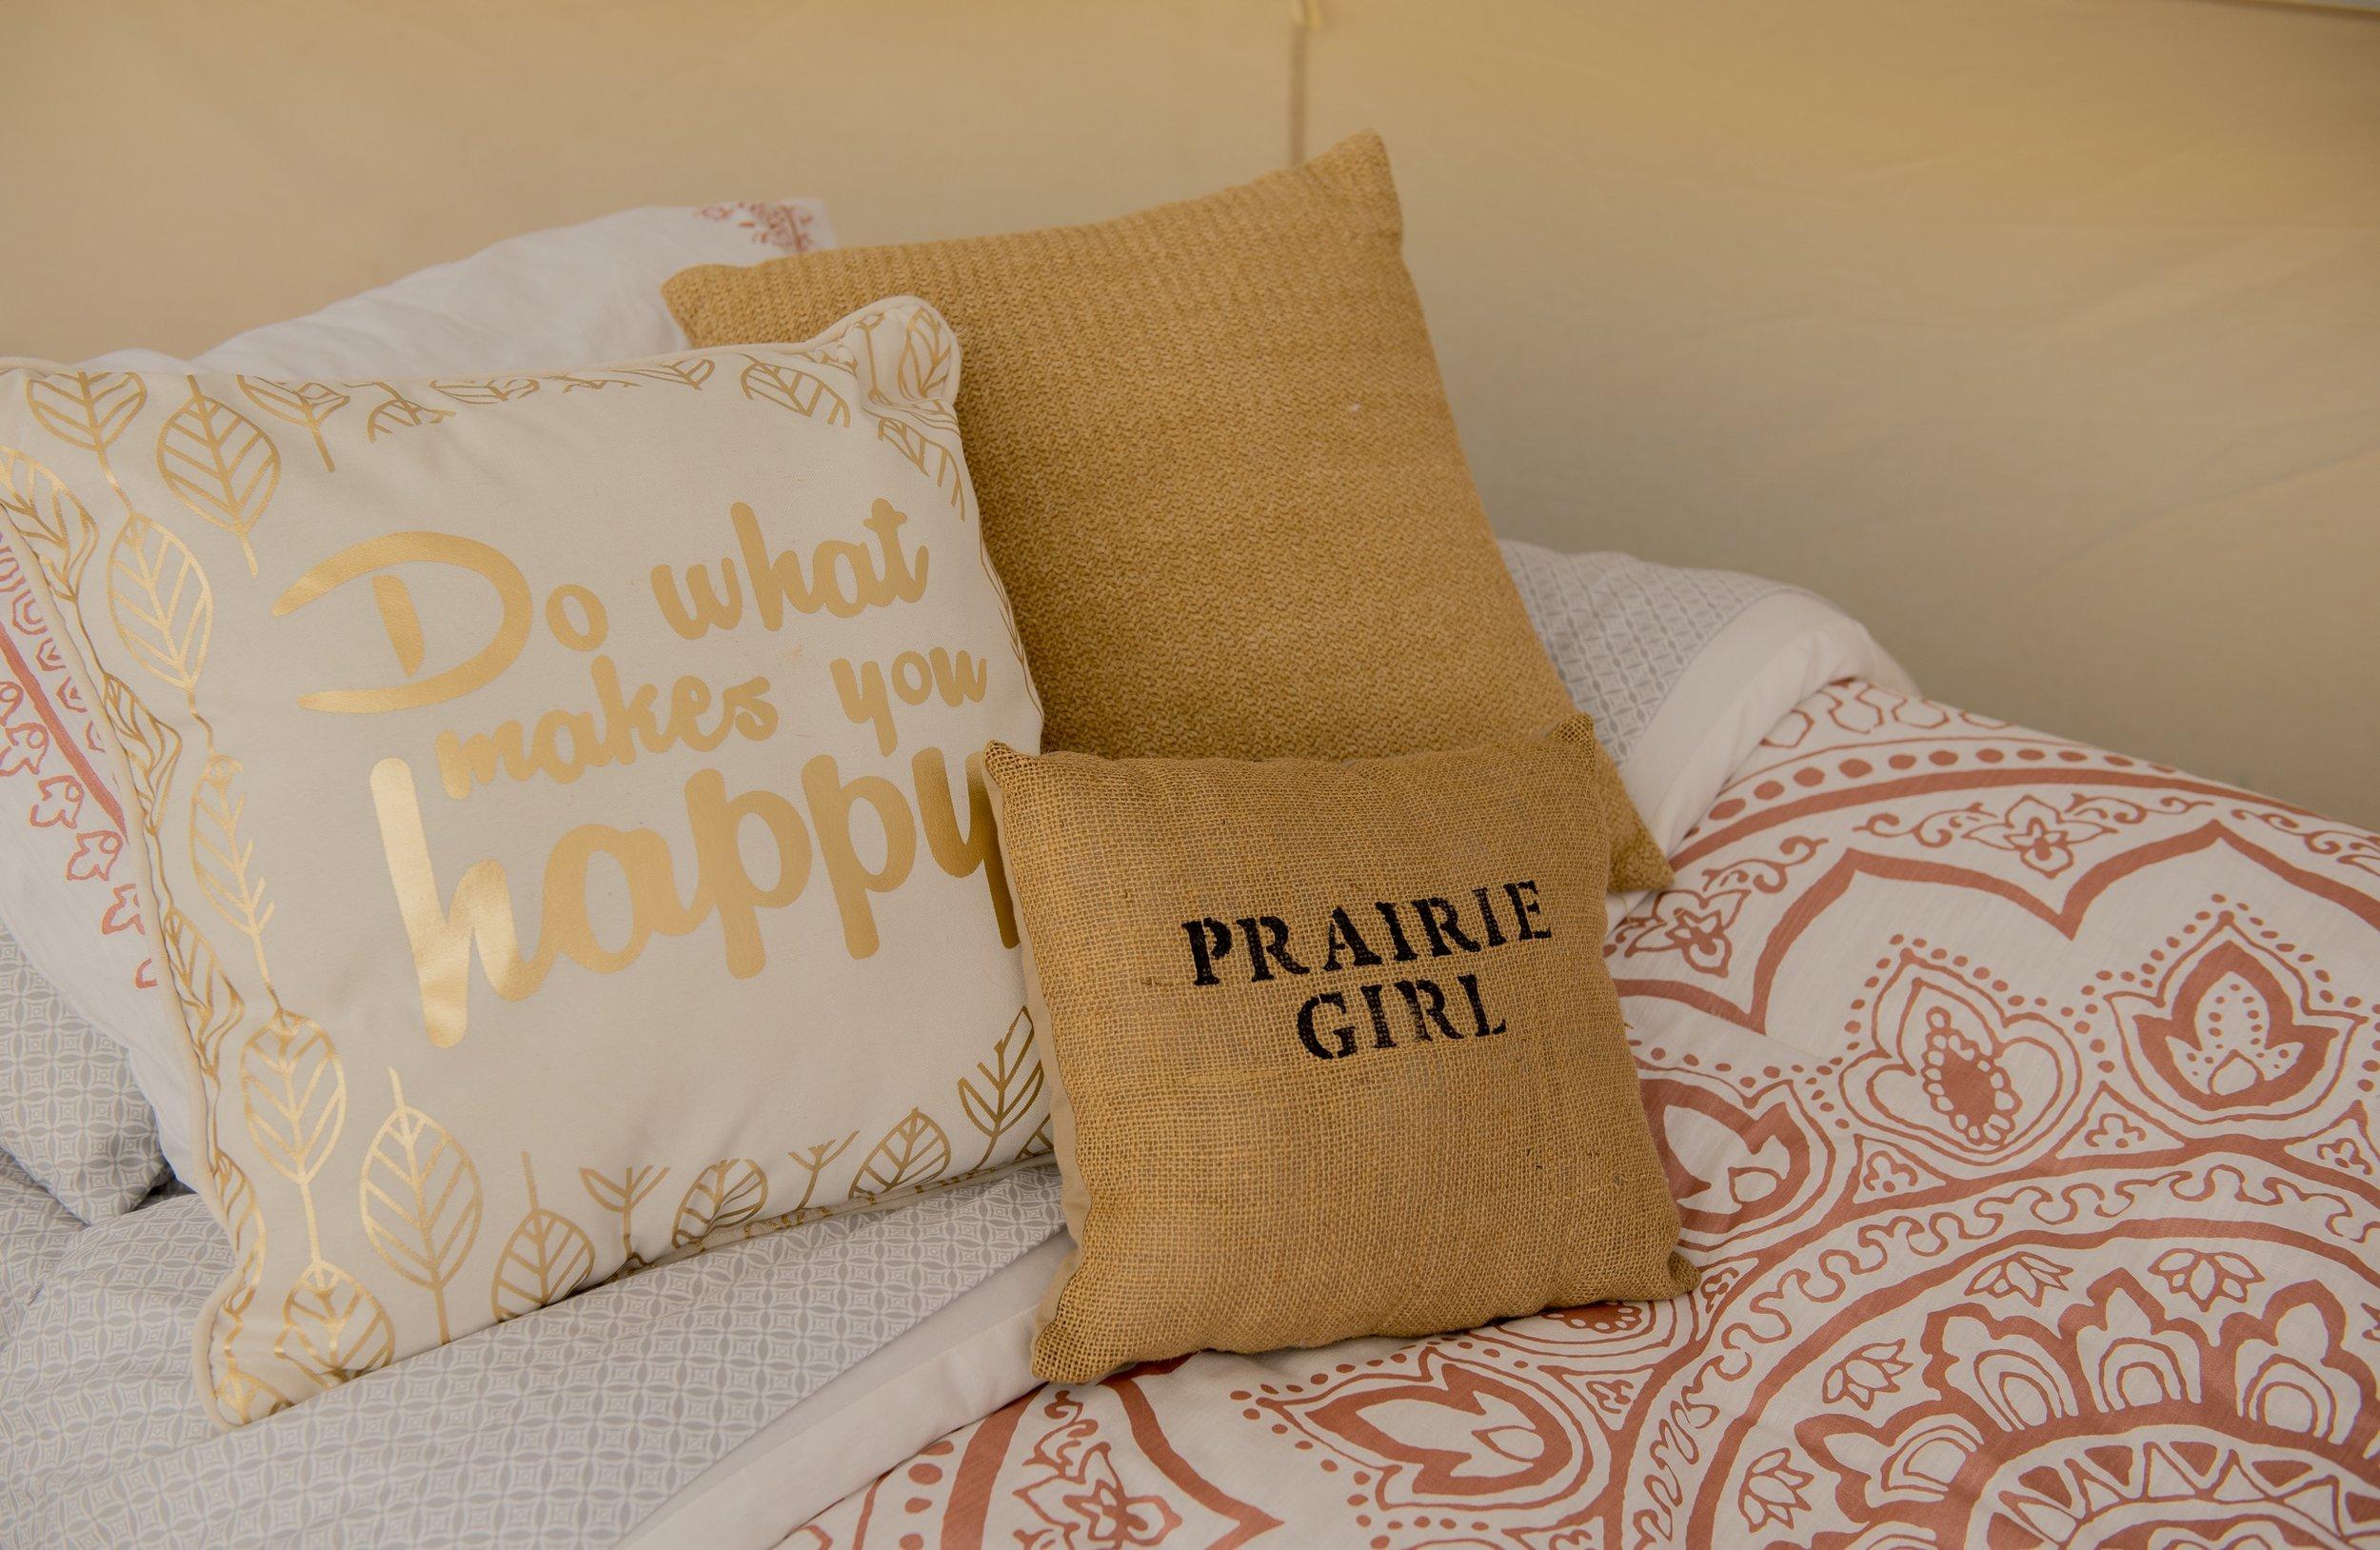 Prairie Girl Adventure Travel for Women